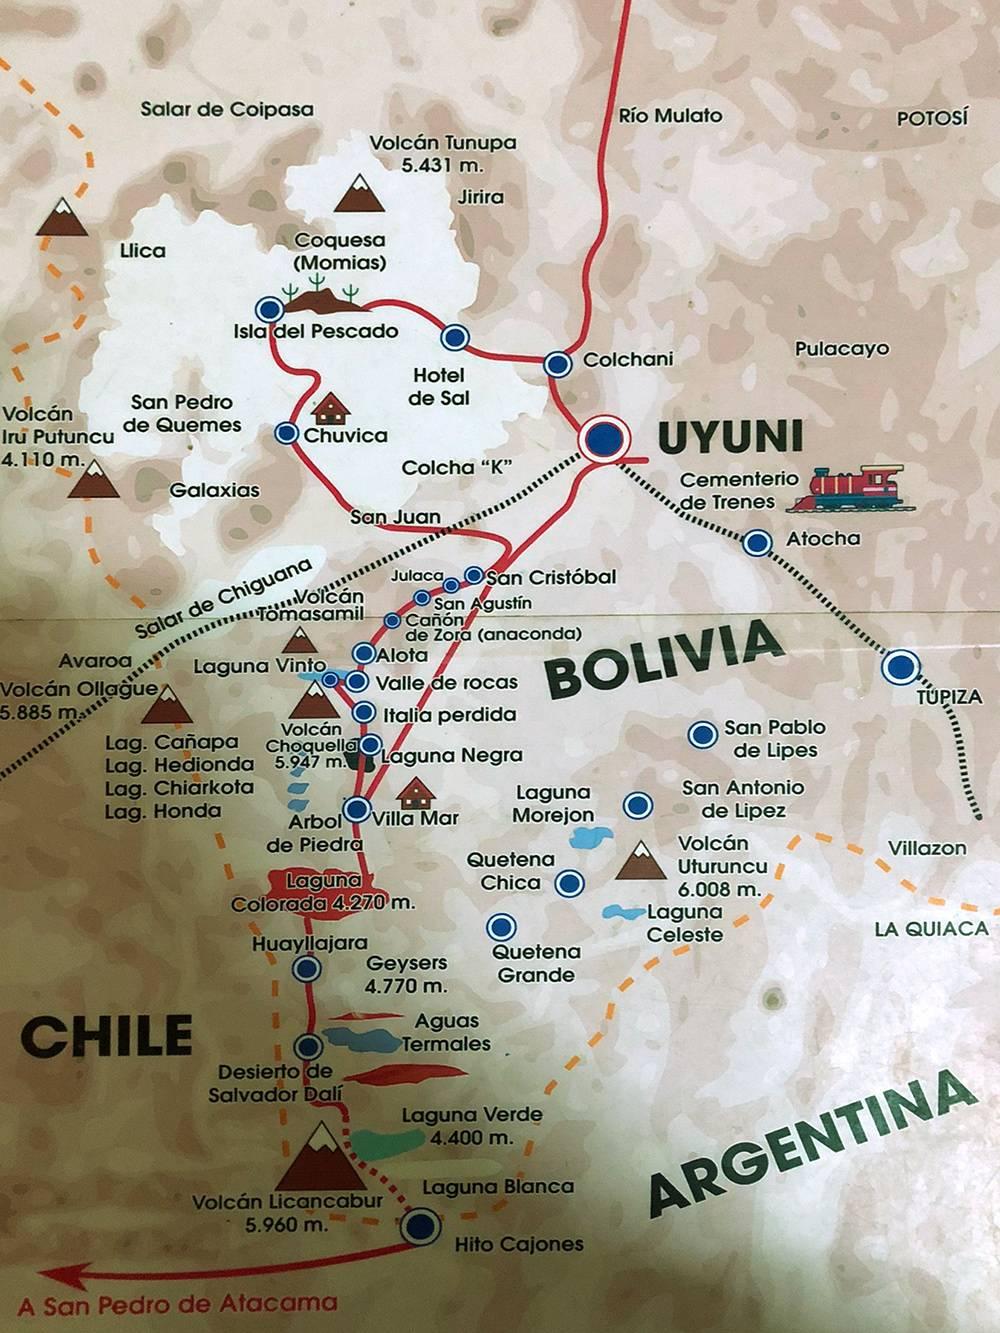 Наш маршрут по национальному парку имени Эдуардо Авароа в Боливии, после лагуны Колорадо он расходится. Левая часть более насыщена природными достопримечательностями, но сложнее для тех, кто восприимчив к горной болезни — часть маршрута пролегает на высоте 4500 метров. Правая часть менее красивая, но и менее сложная. Мы выбрали левую